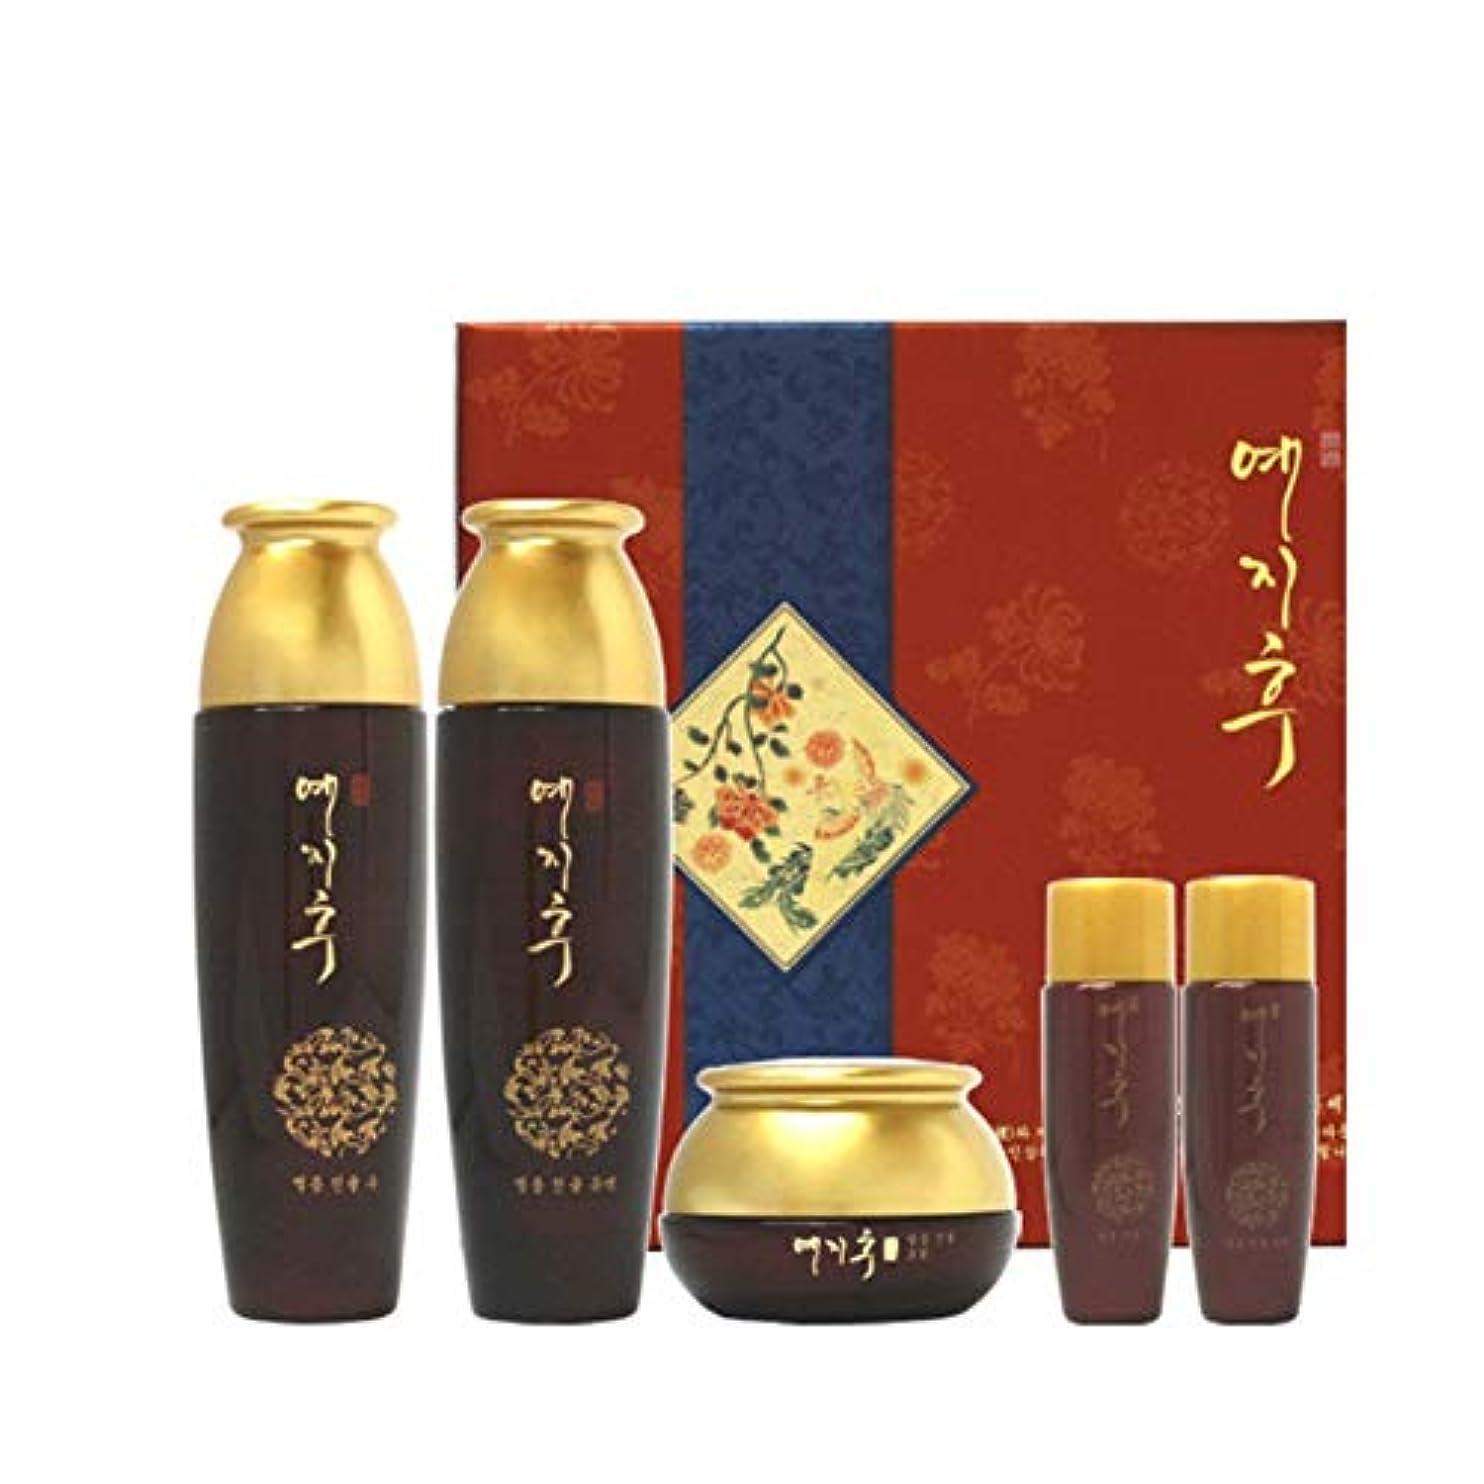 論理的に色合い公使館イェジフブランドジャムヤング女性3種セットジンユル水180ml(150+30)ジンユル乳液180ml(150+30)ジンユルクリーム50g、Yezihu 3 Sets of Women's Luxury Cosmetics...